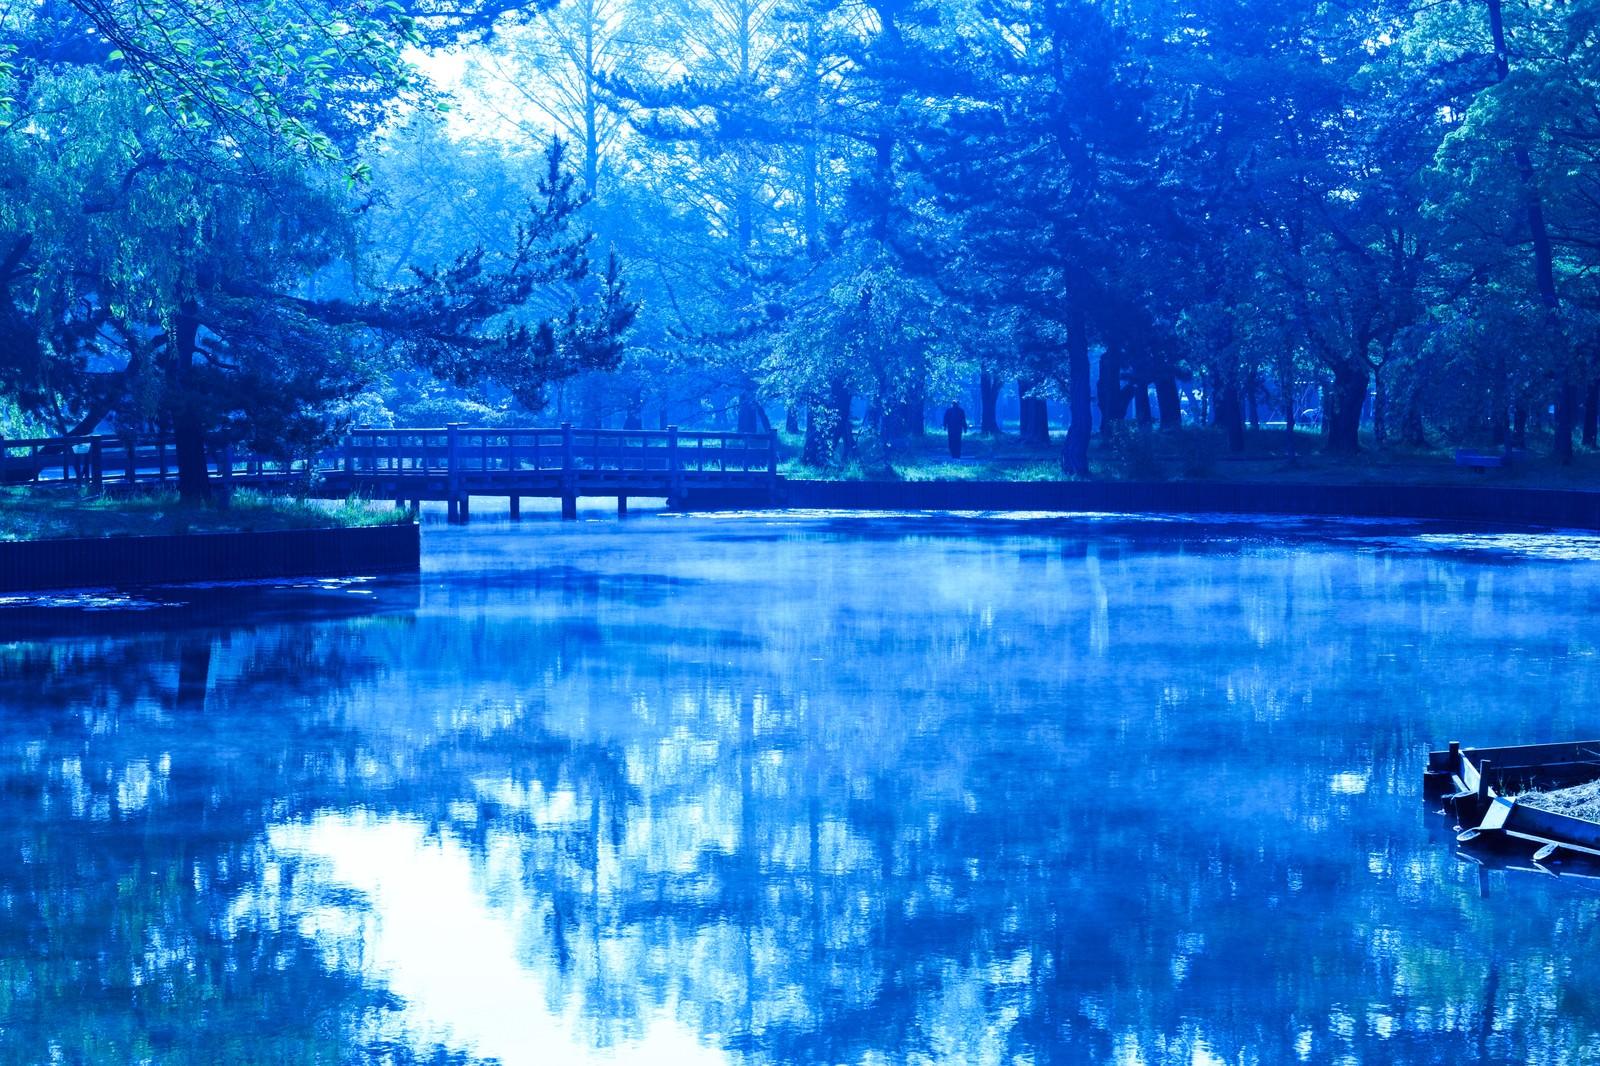 「朝の公園(青) | 写真の無料素材・フリー素材 - ぱくたそ」の写真